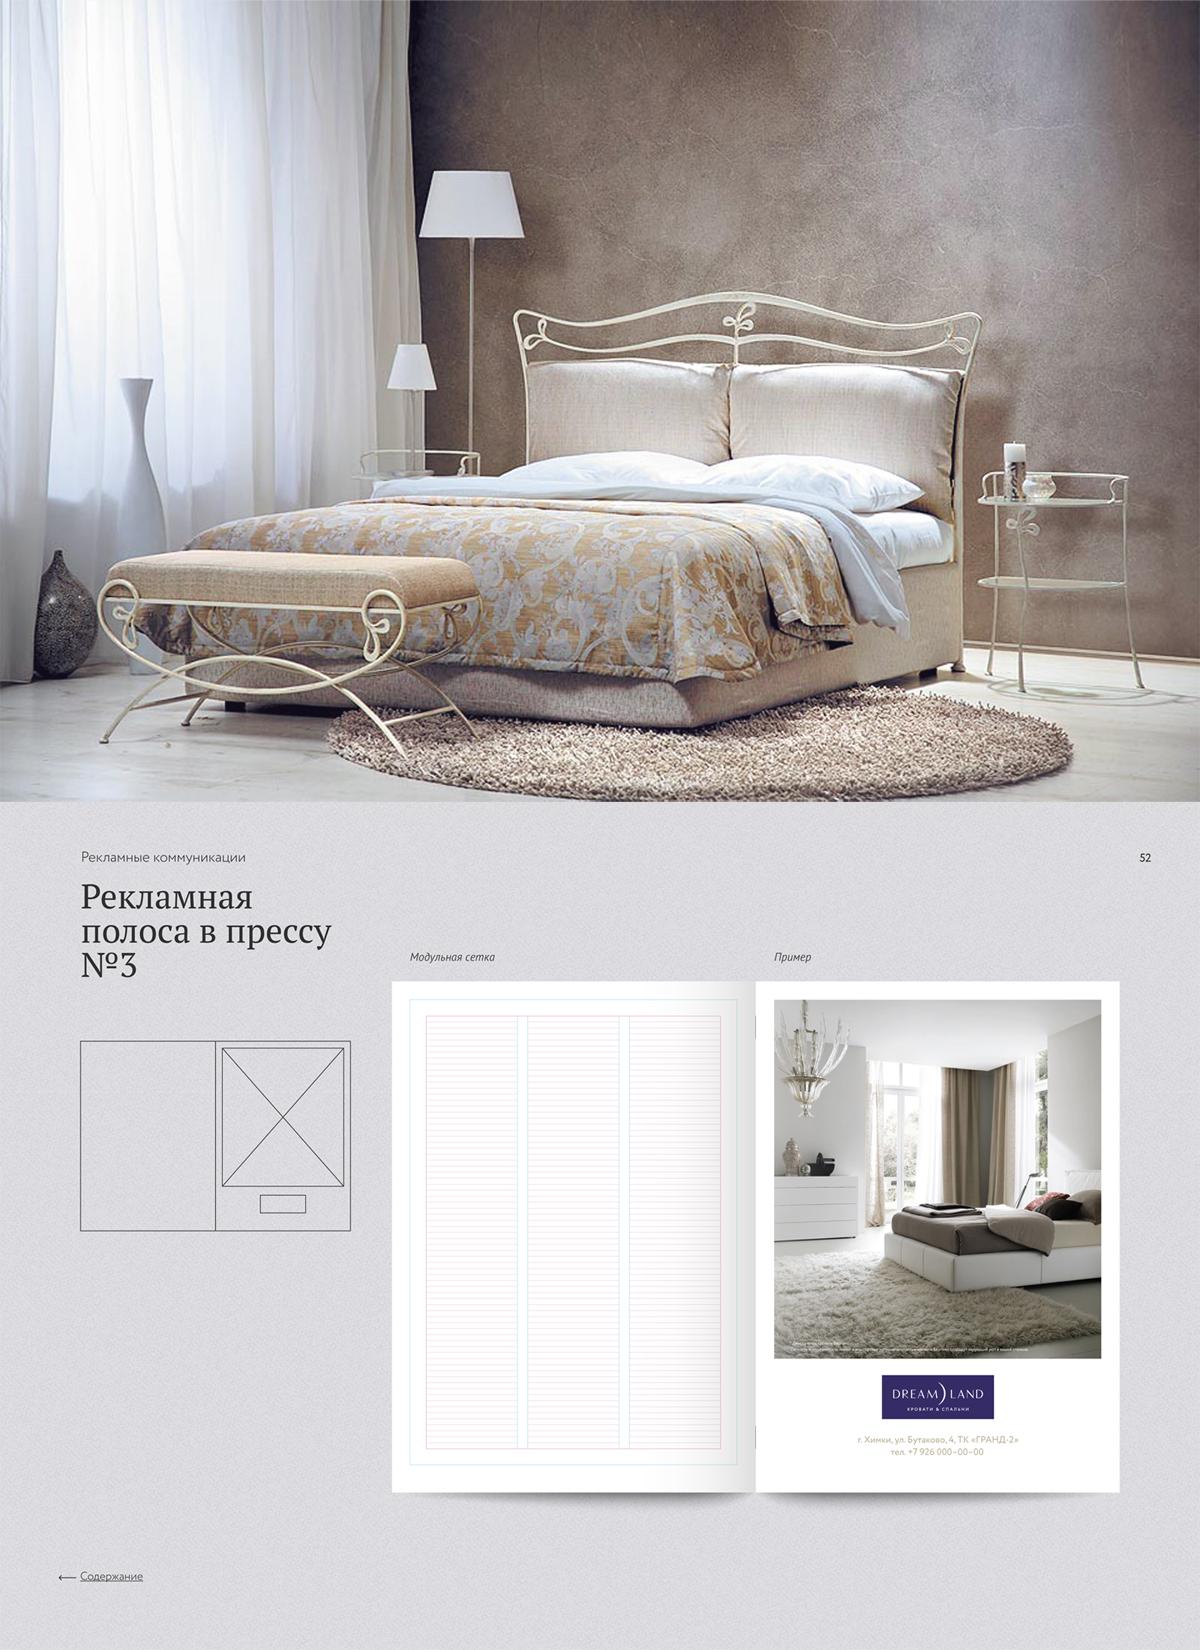 Дизайн рекламы Dream Land, реклама в прессу, макет